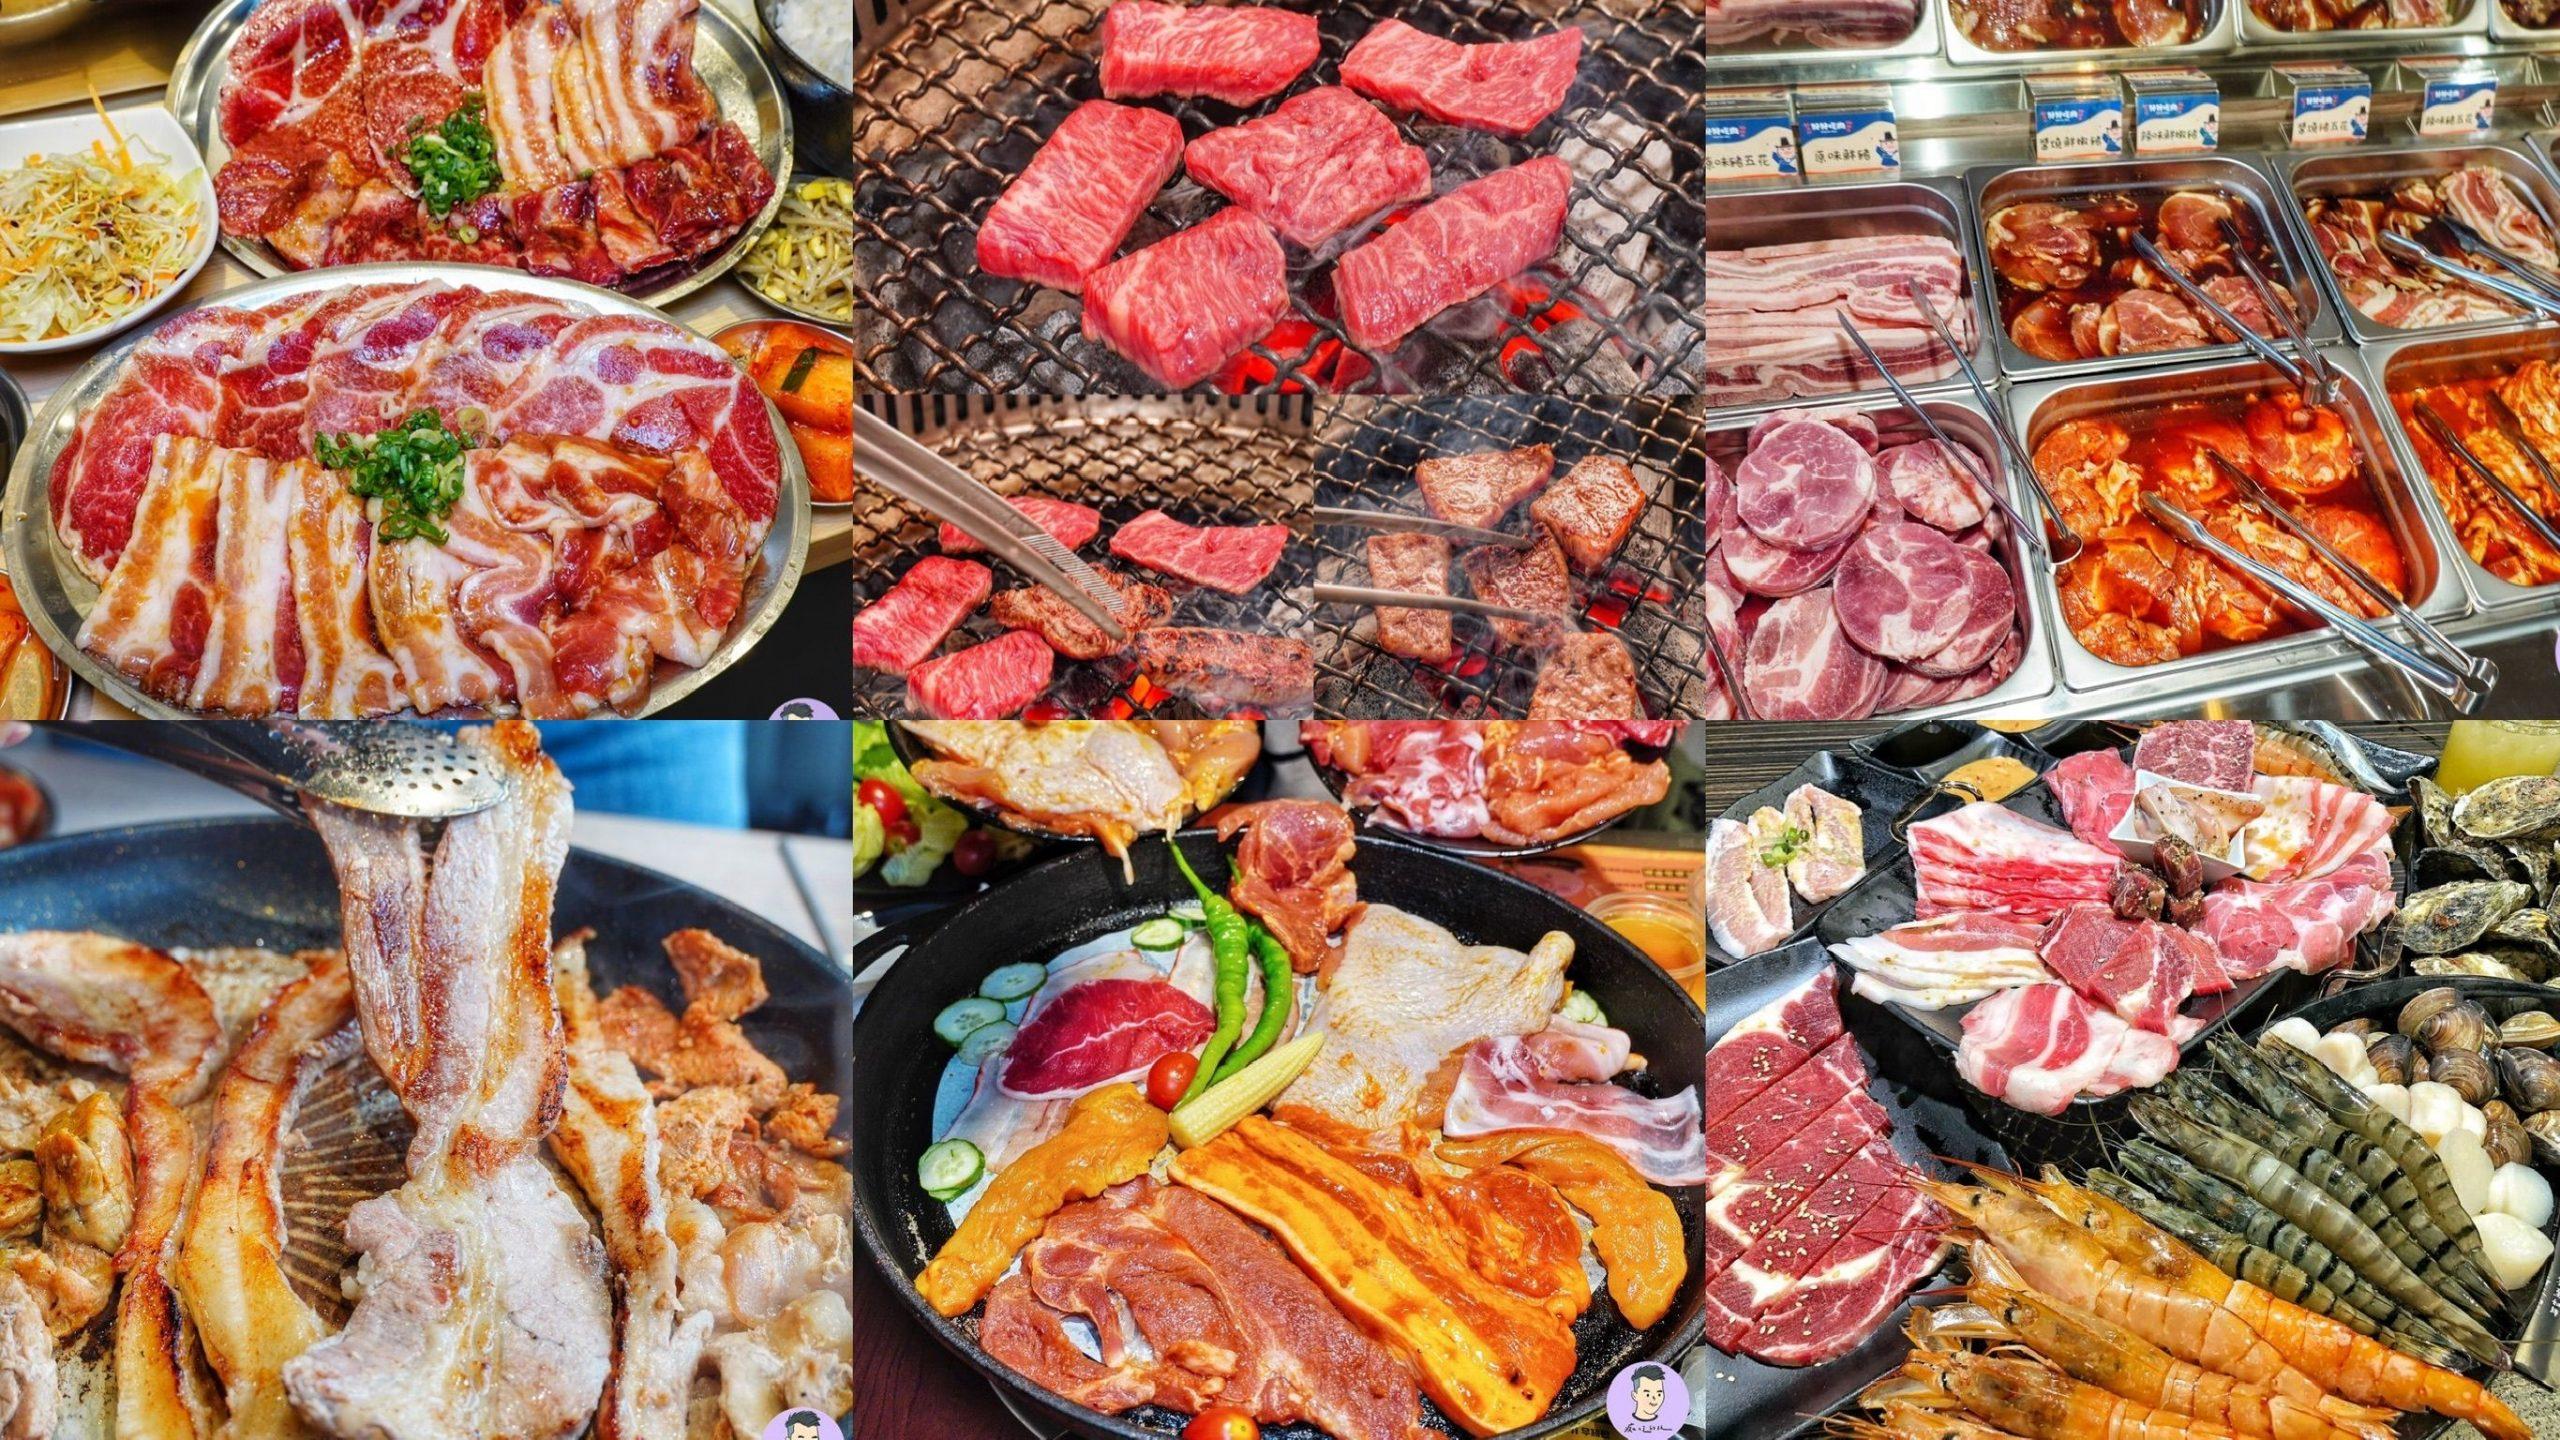 【台南美食】2021台南燒肉/燒烤懶人包|299元韓式燒烤/一個人也能吃的燒肉 肉肉控必吃!(持續更新中)